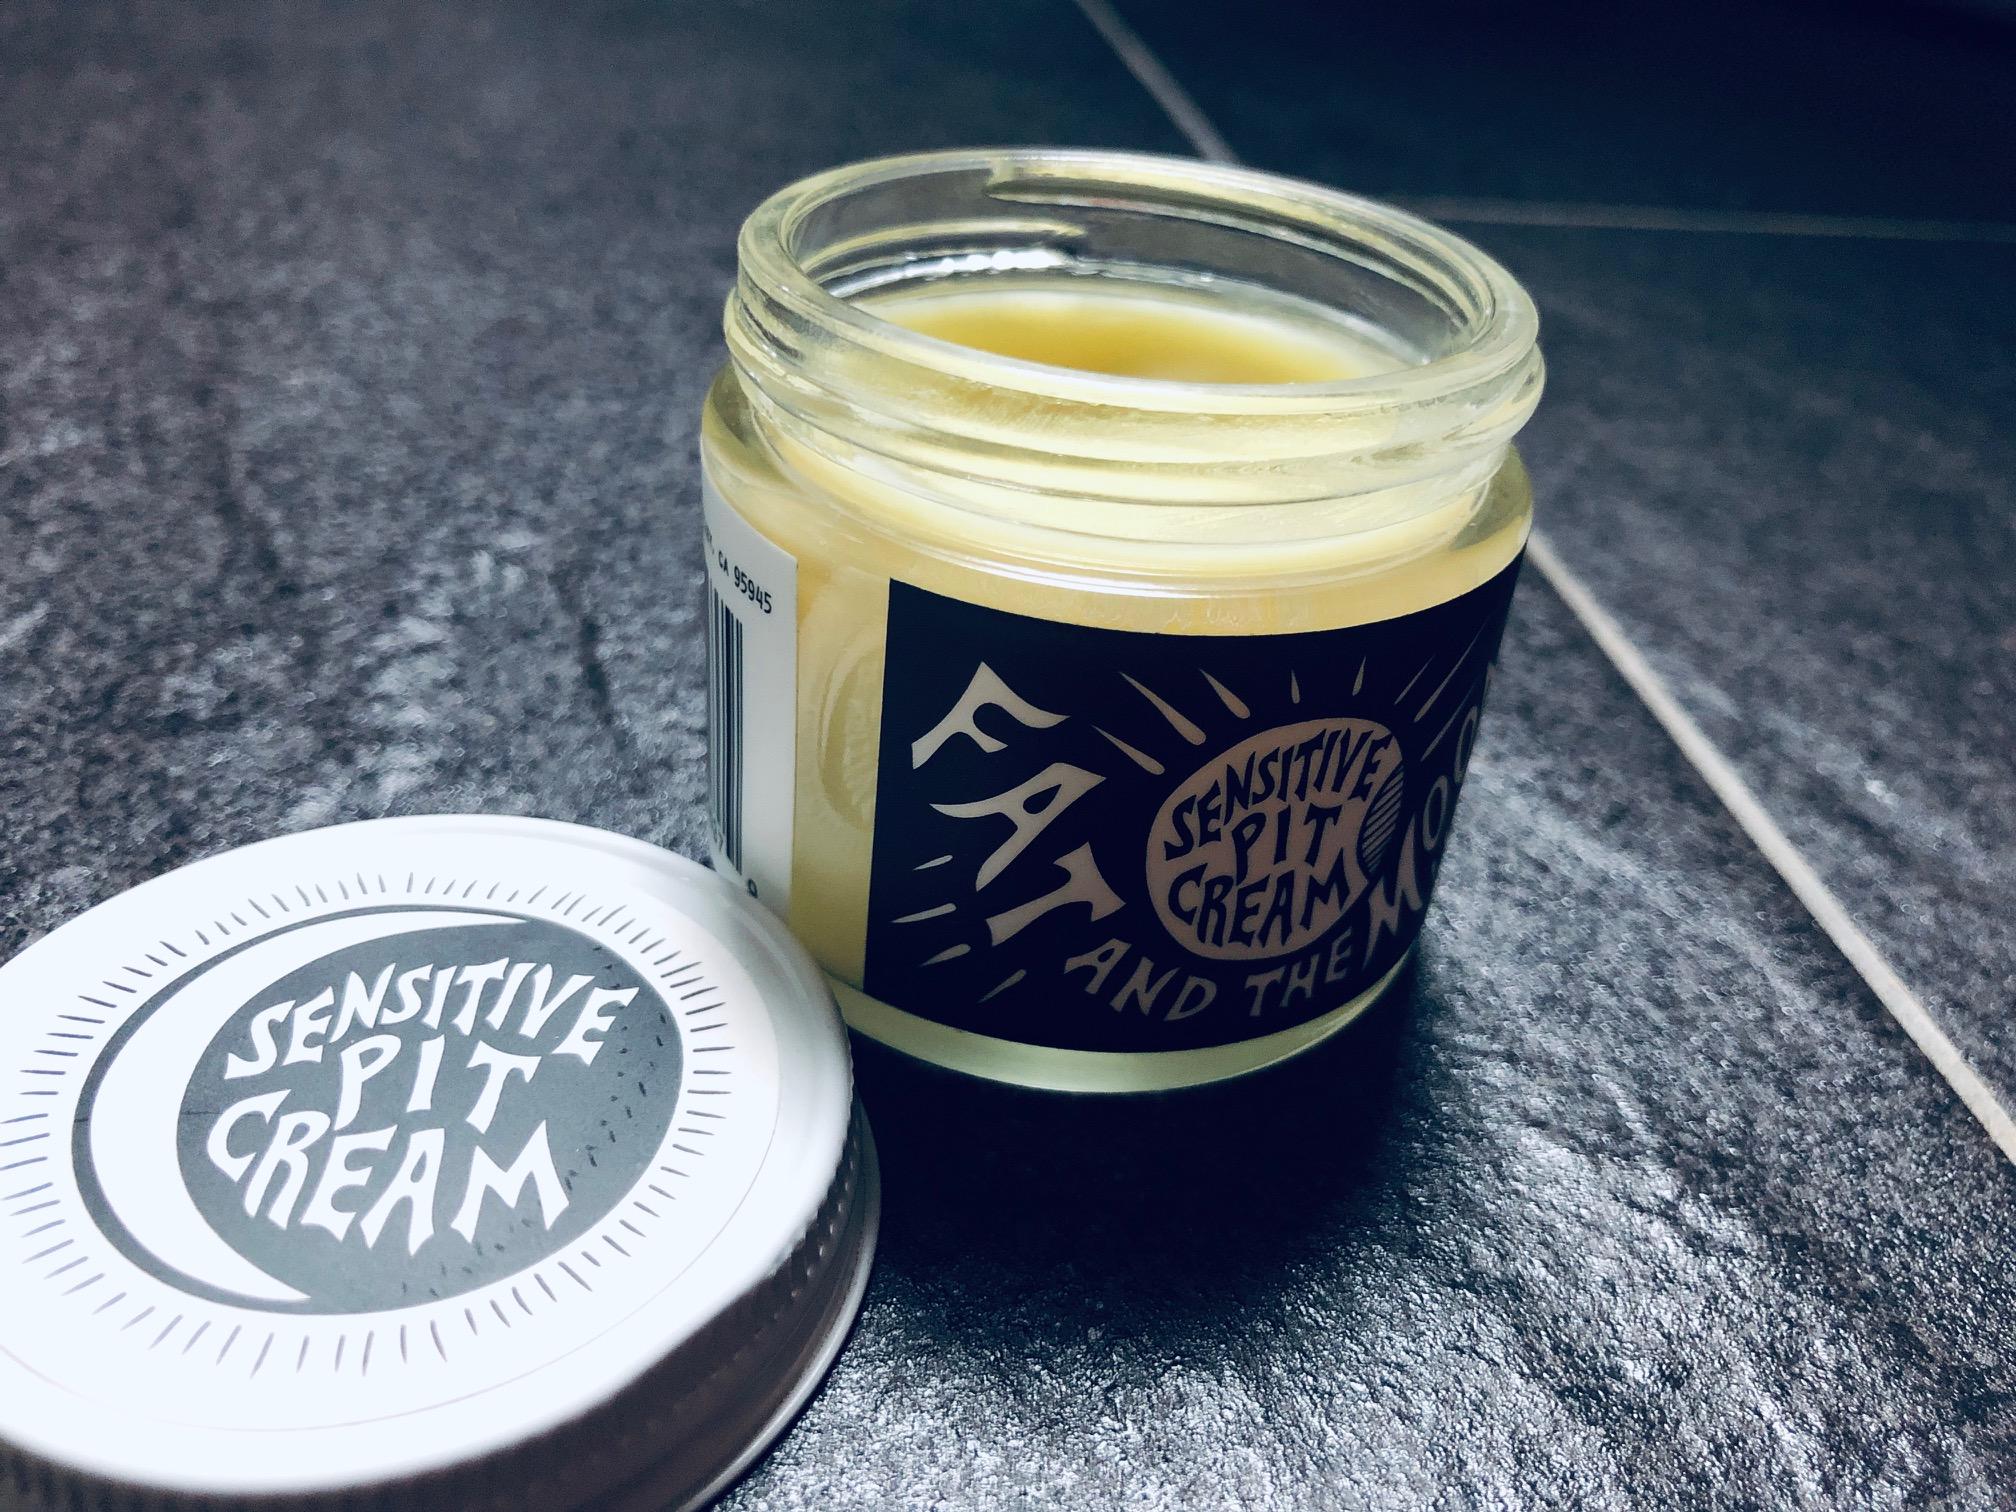 Open jar of deodorant cream